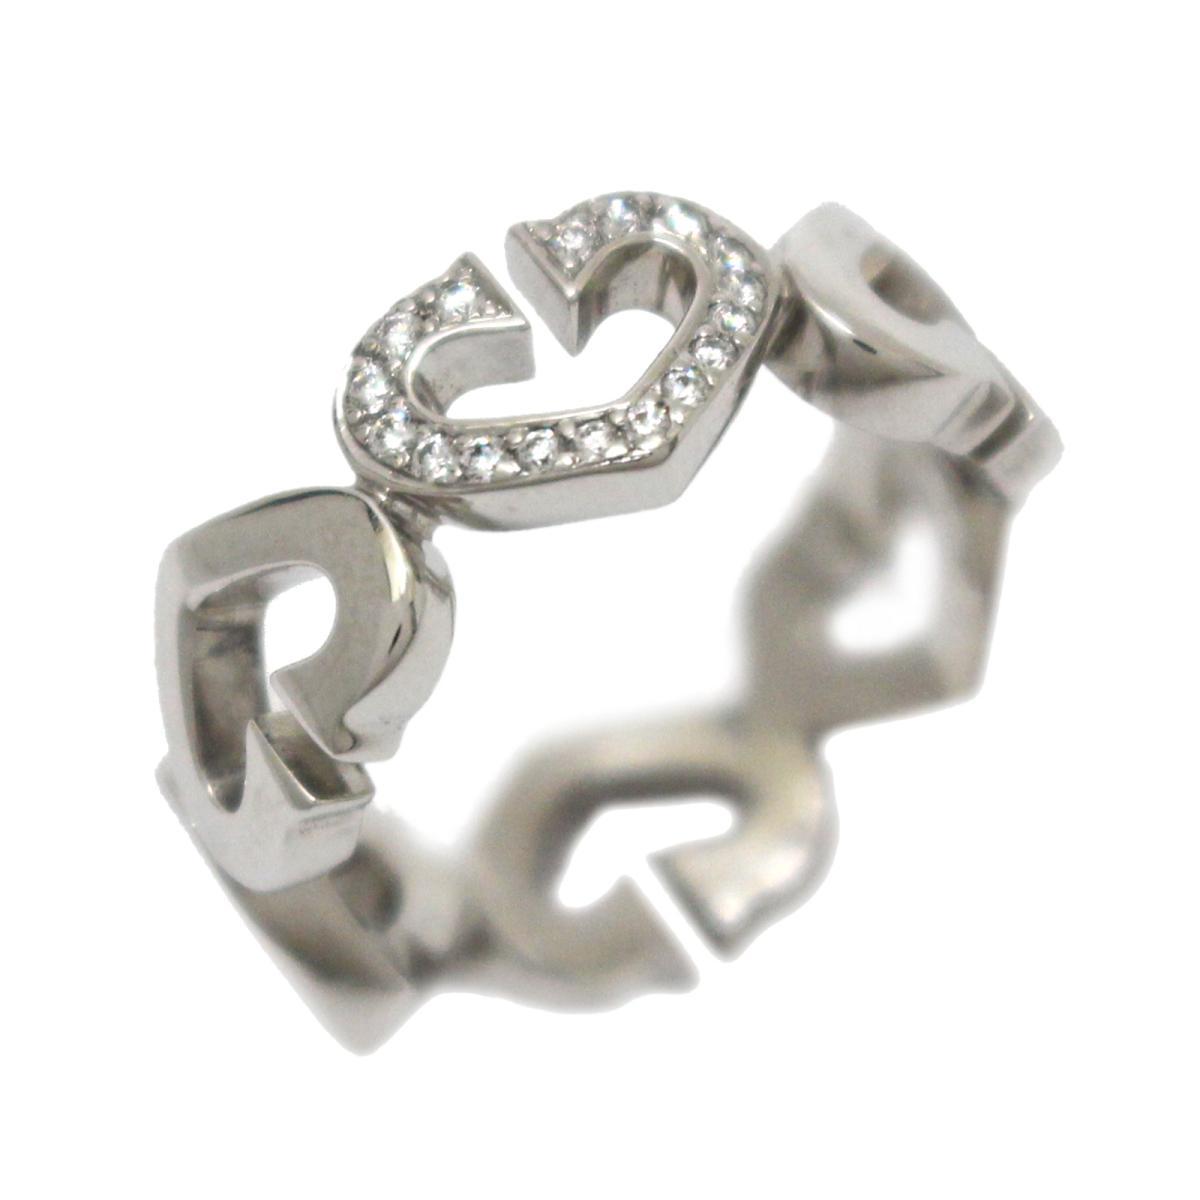 【中古】 カルティエ Cハート ダイヤモンド リング 指輪 レディース K18WG (750) ホワイトゴールド x | Cartier BRANDOFF ブランドオフ ブランド ジュエリー アクセサリー